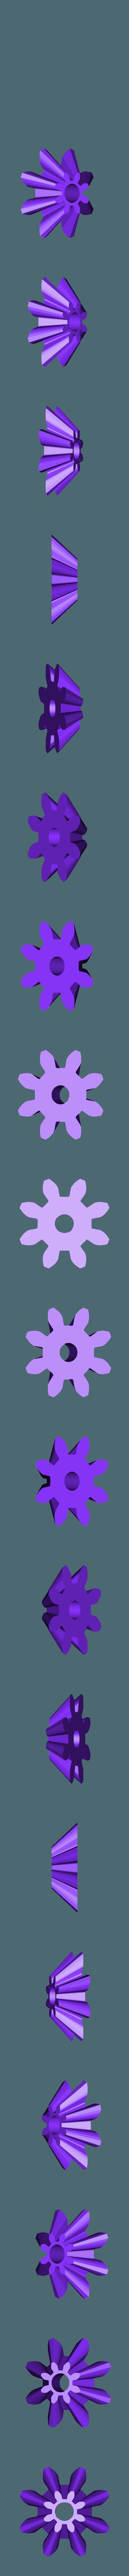 Gear_Bevel_Rotor.stl Télécharger fichier STL gratuit Hélicoptère Pull, Push, Downhill Toy 2 • Design pour imprimante 3D, gzumwalt